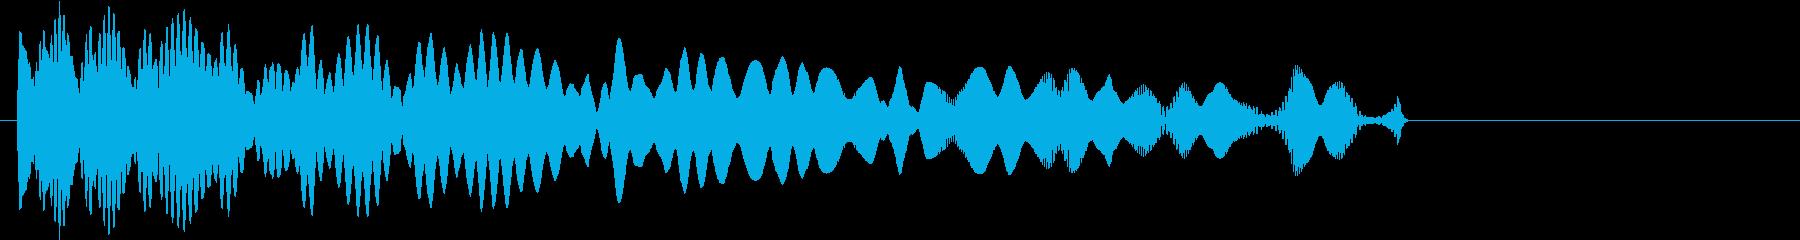 ピュ〜ン↓(ギャグ系)の再生済みの波形